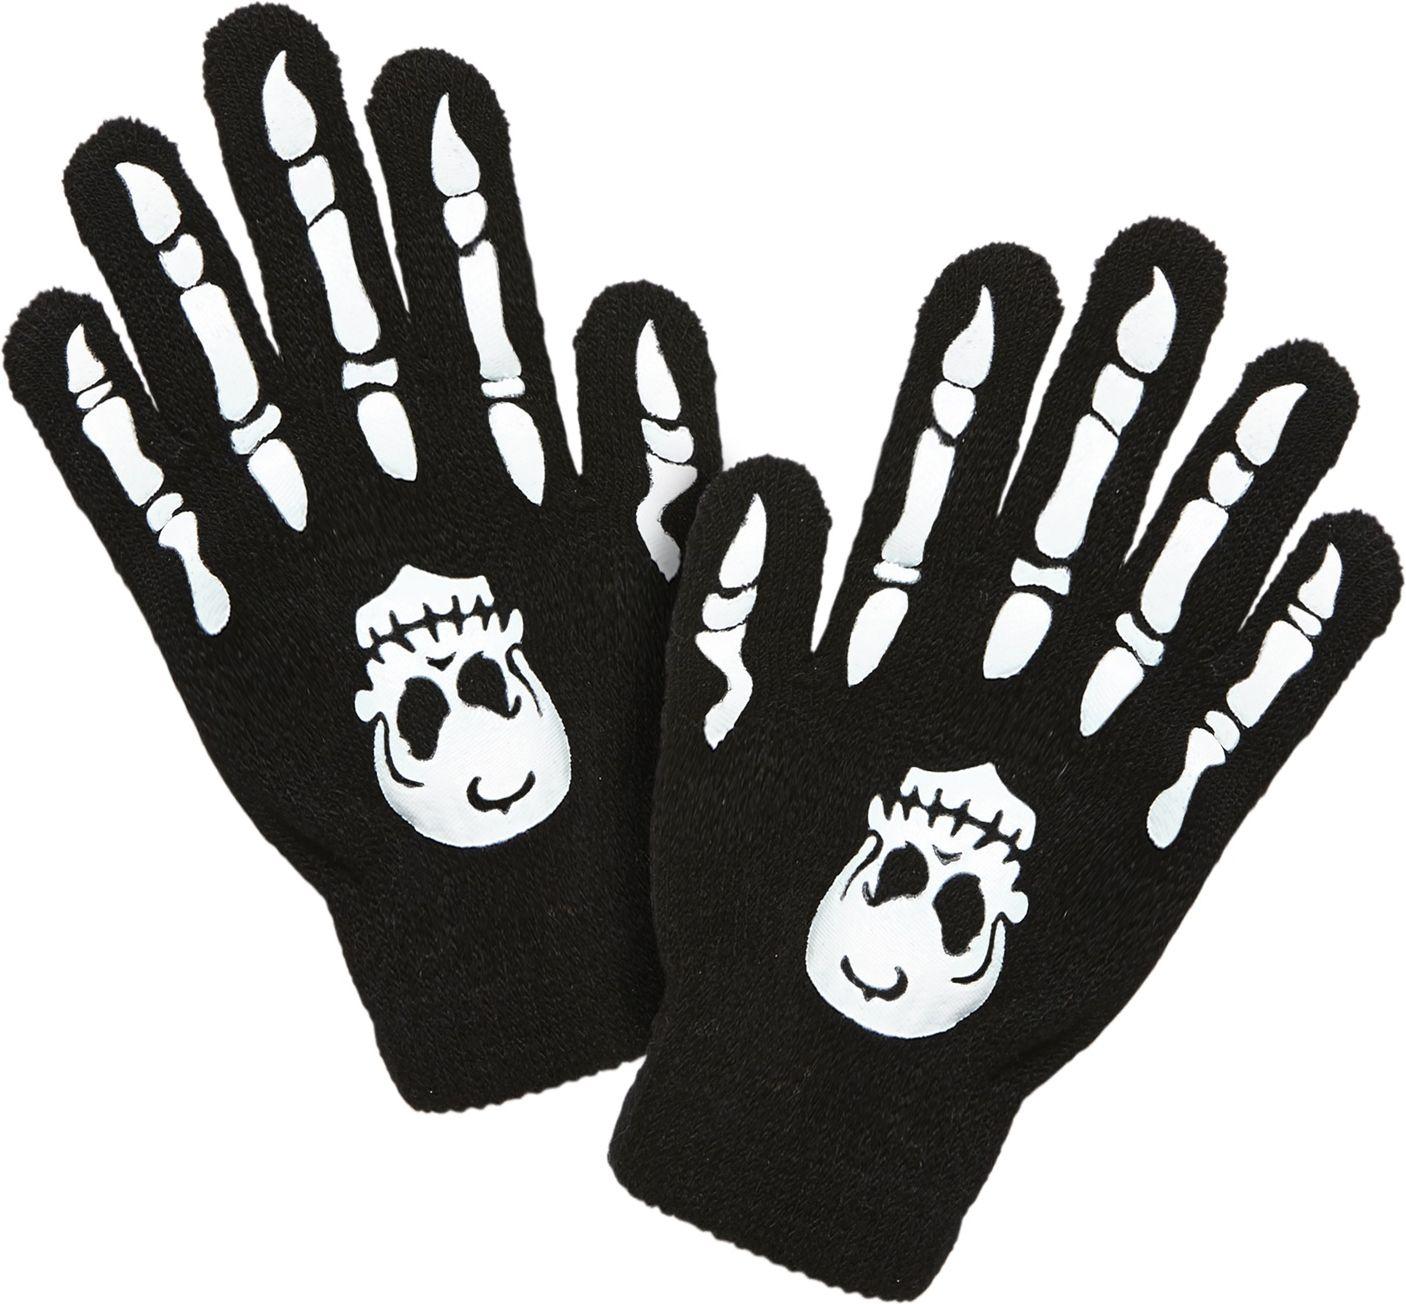 Schedel met botten handschoenen